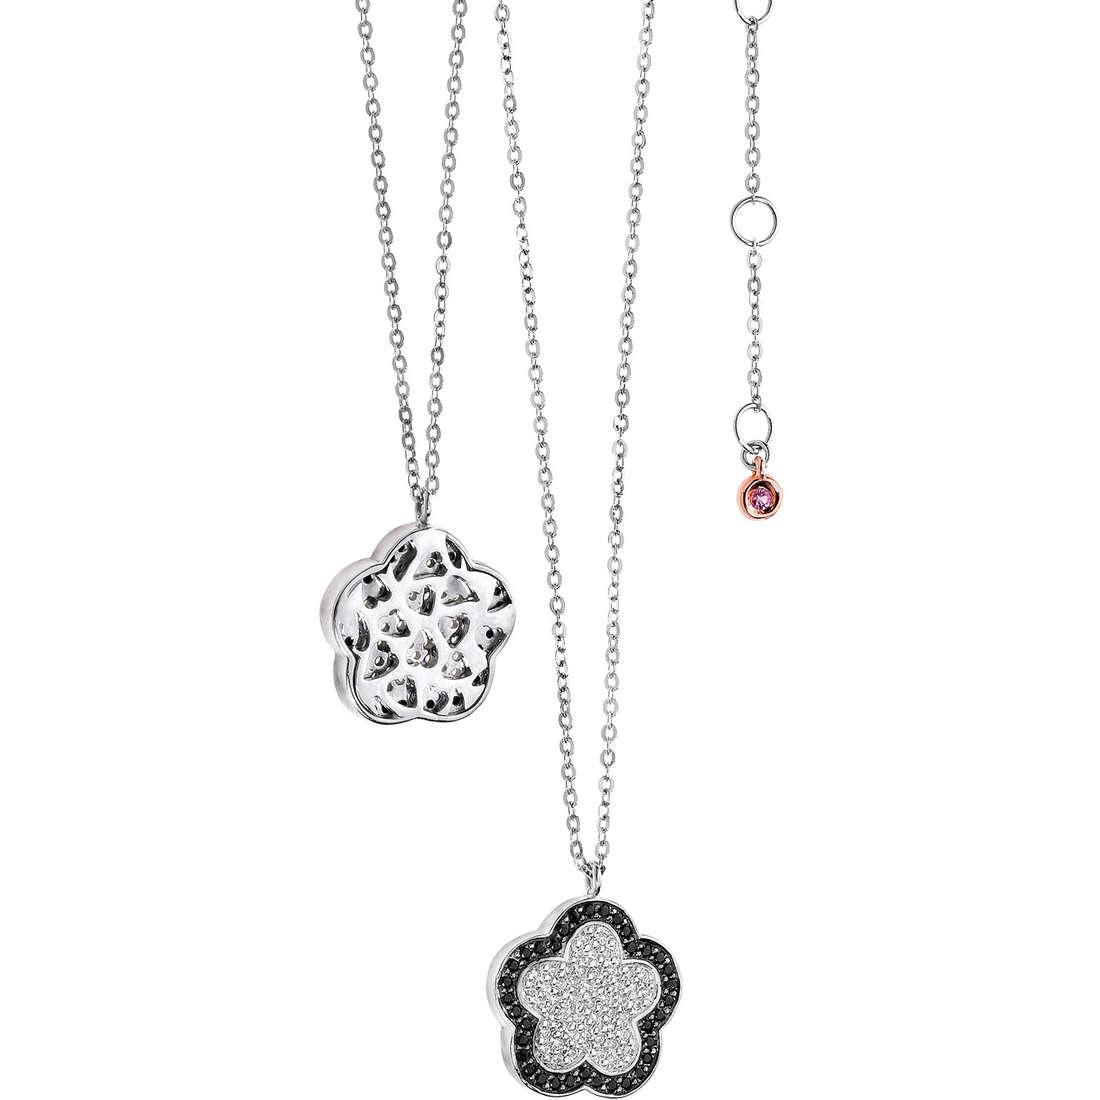 collana donna gioielli Comete Pietre preziose colorate GLB 803